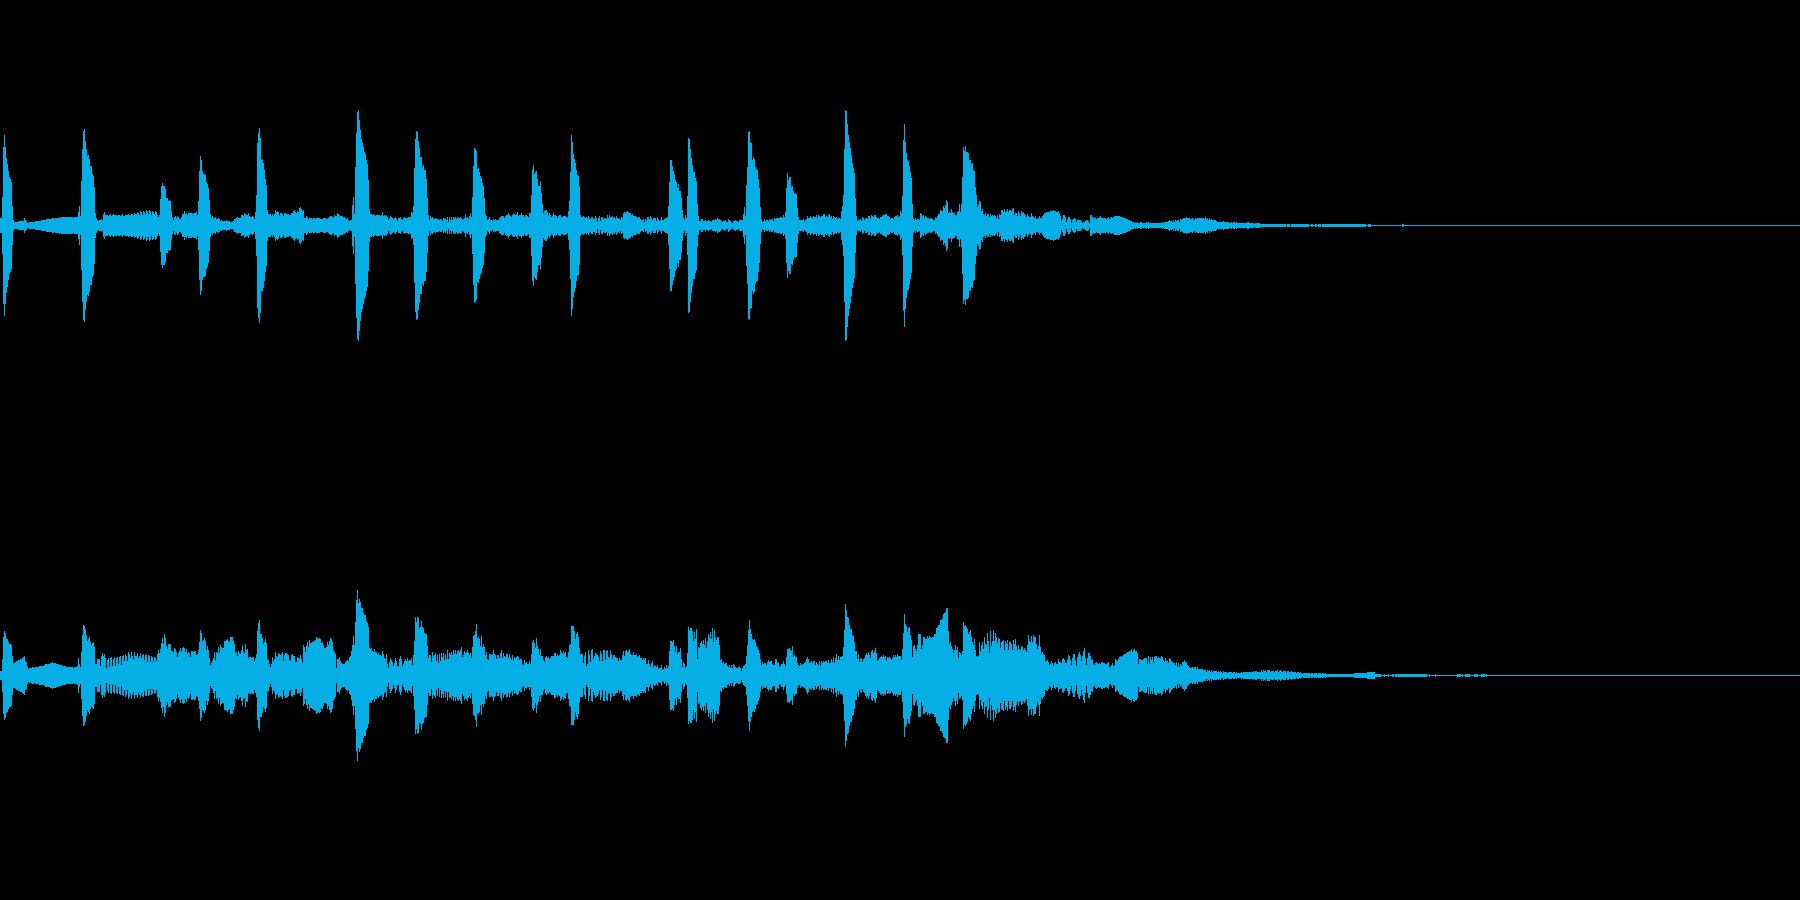 壊れた音の再生済みの波形